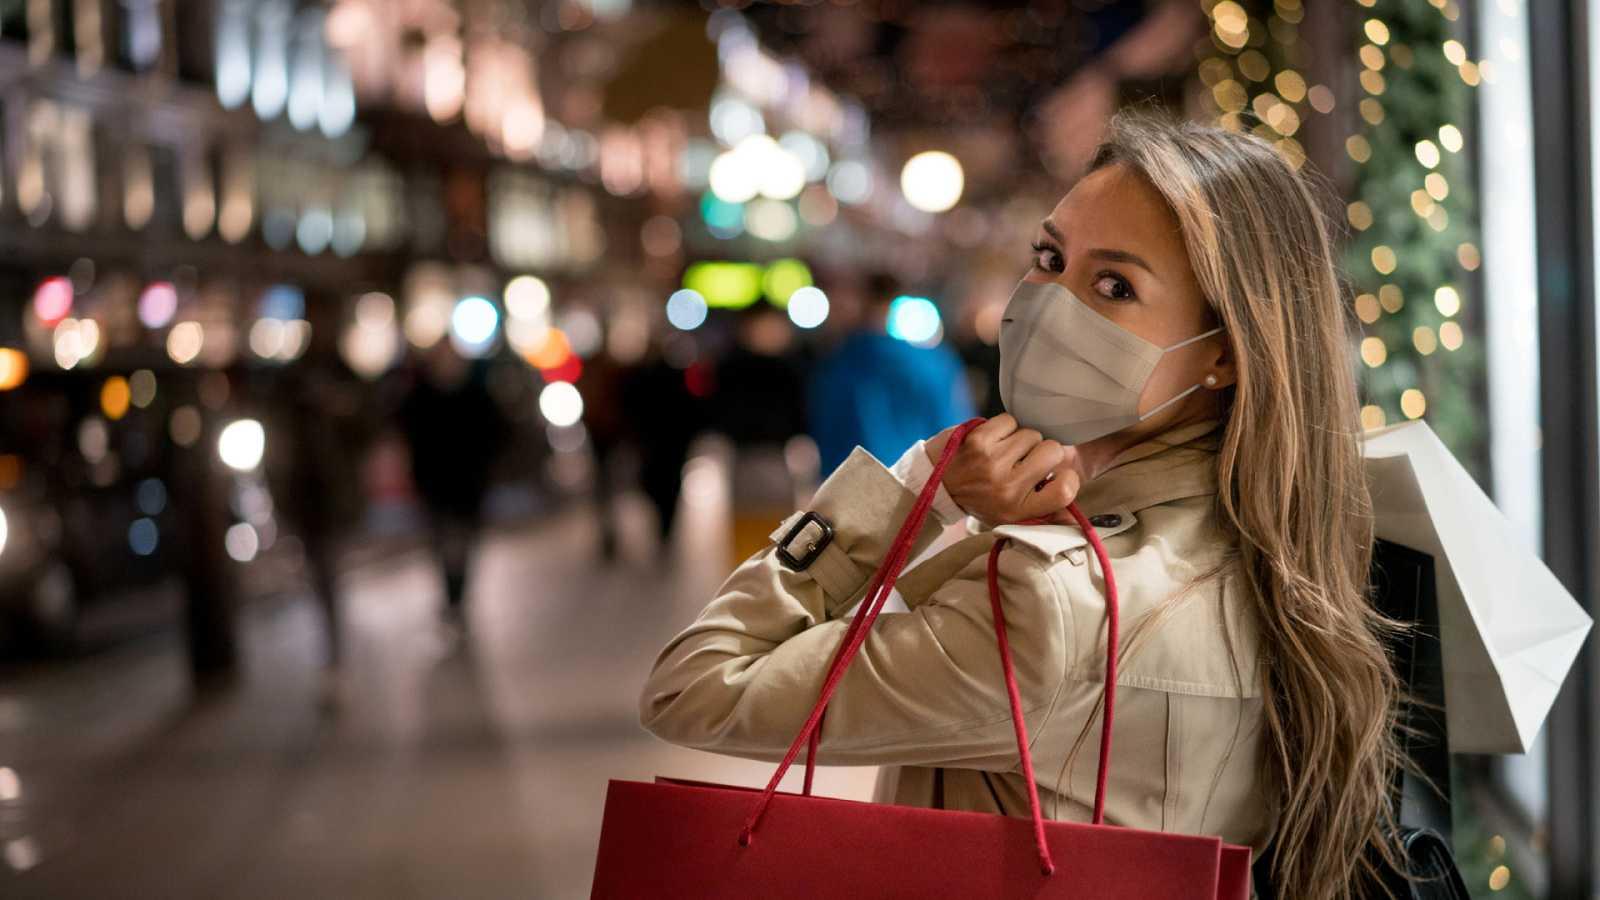 El impacto de la campaña navideña en la economía